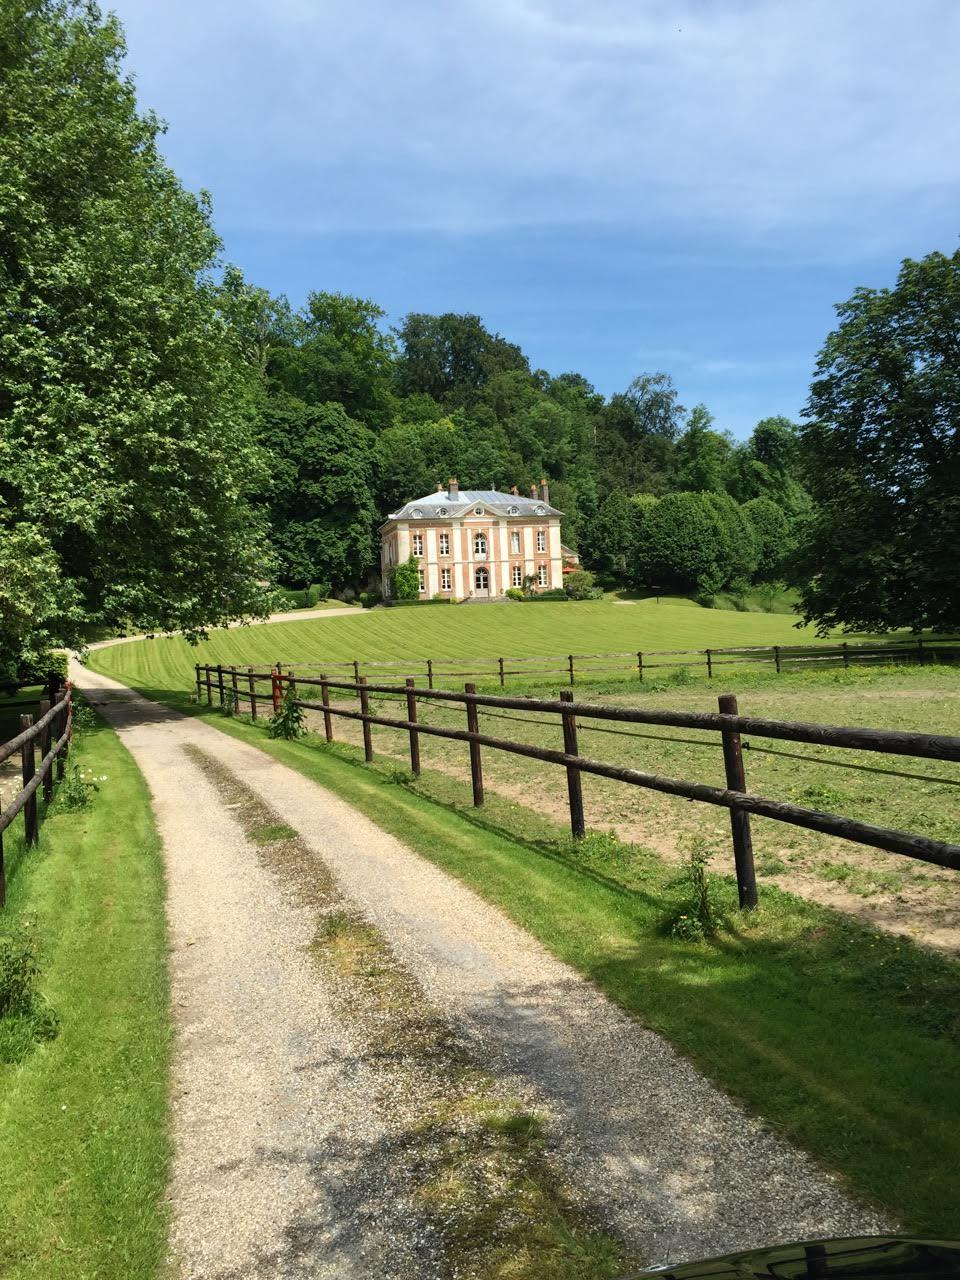 Vente château dans 14 hectares